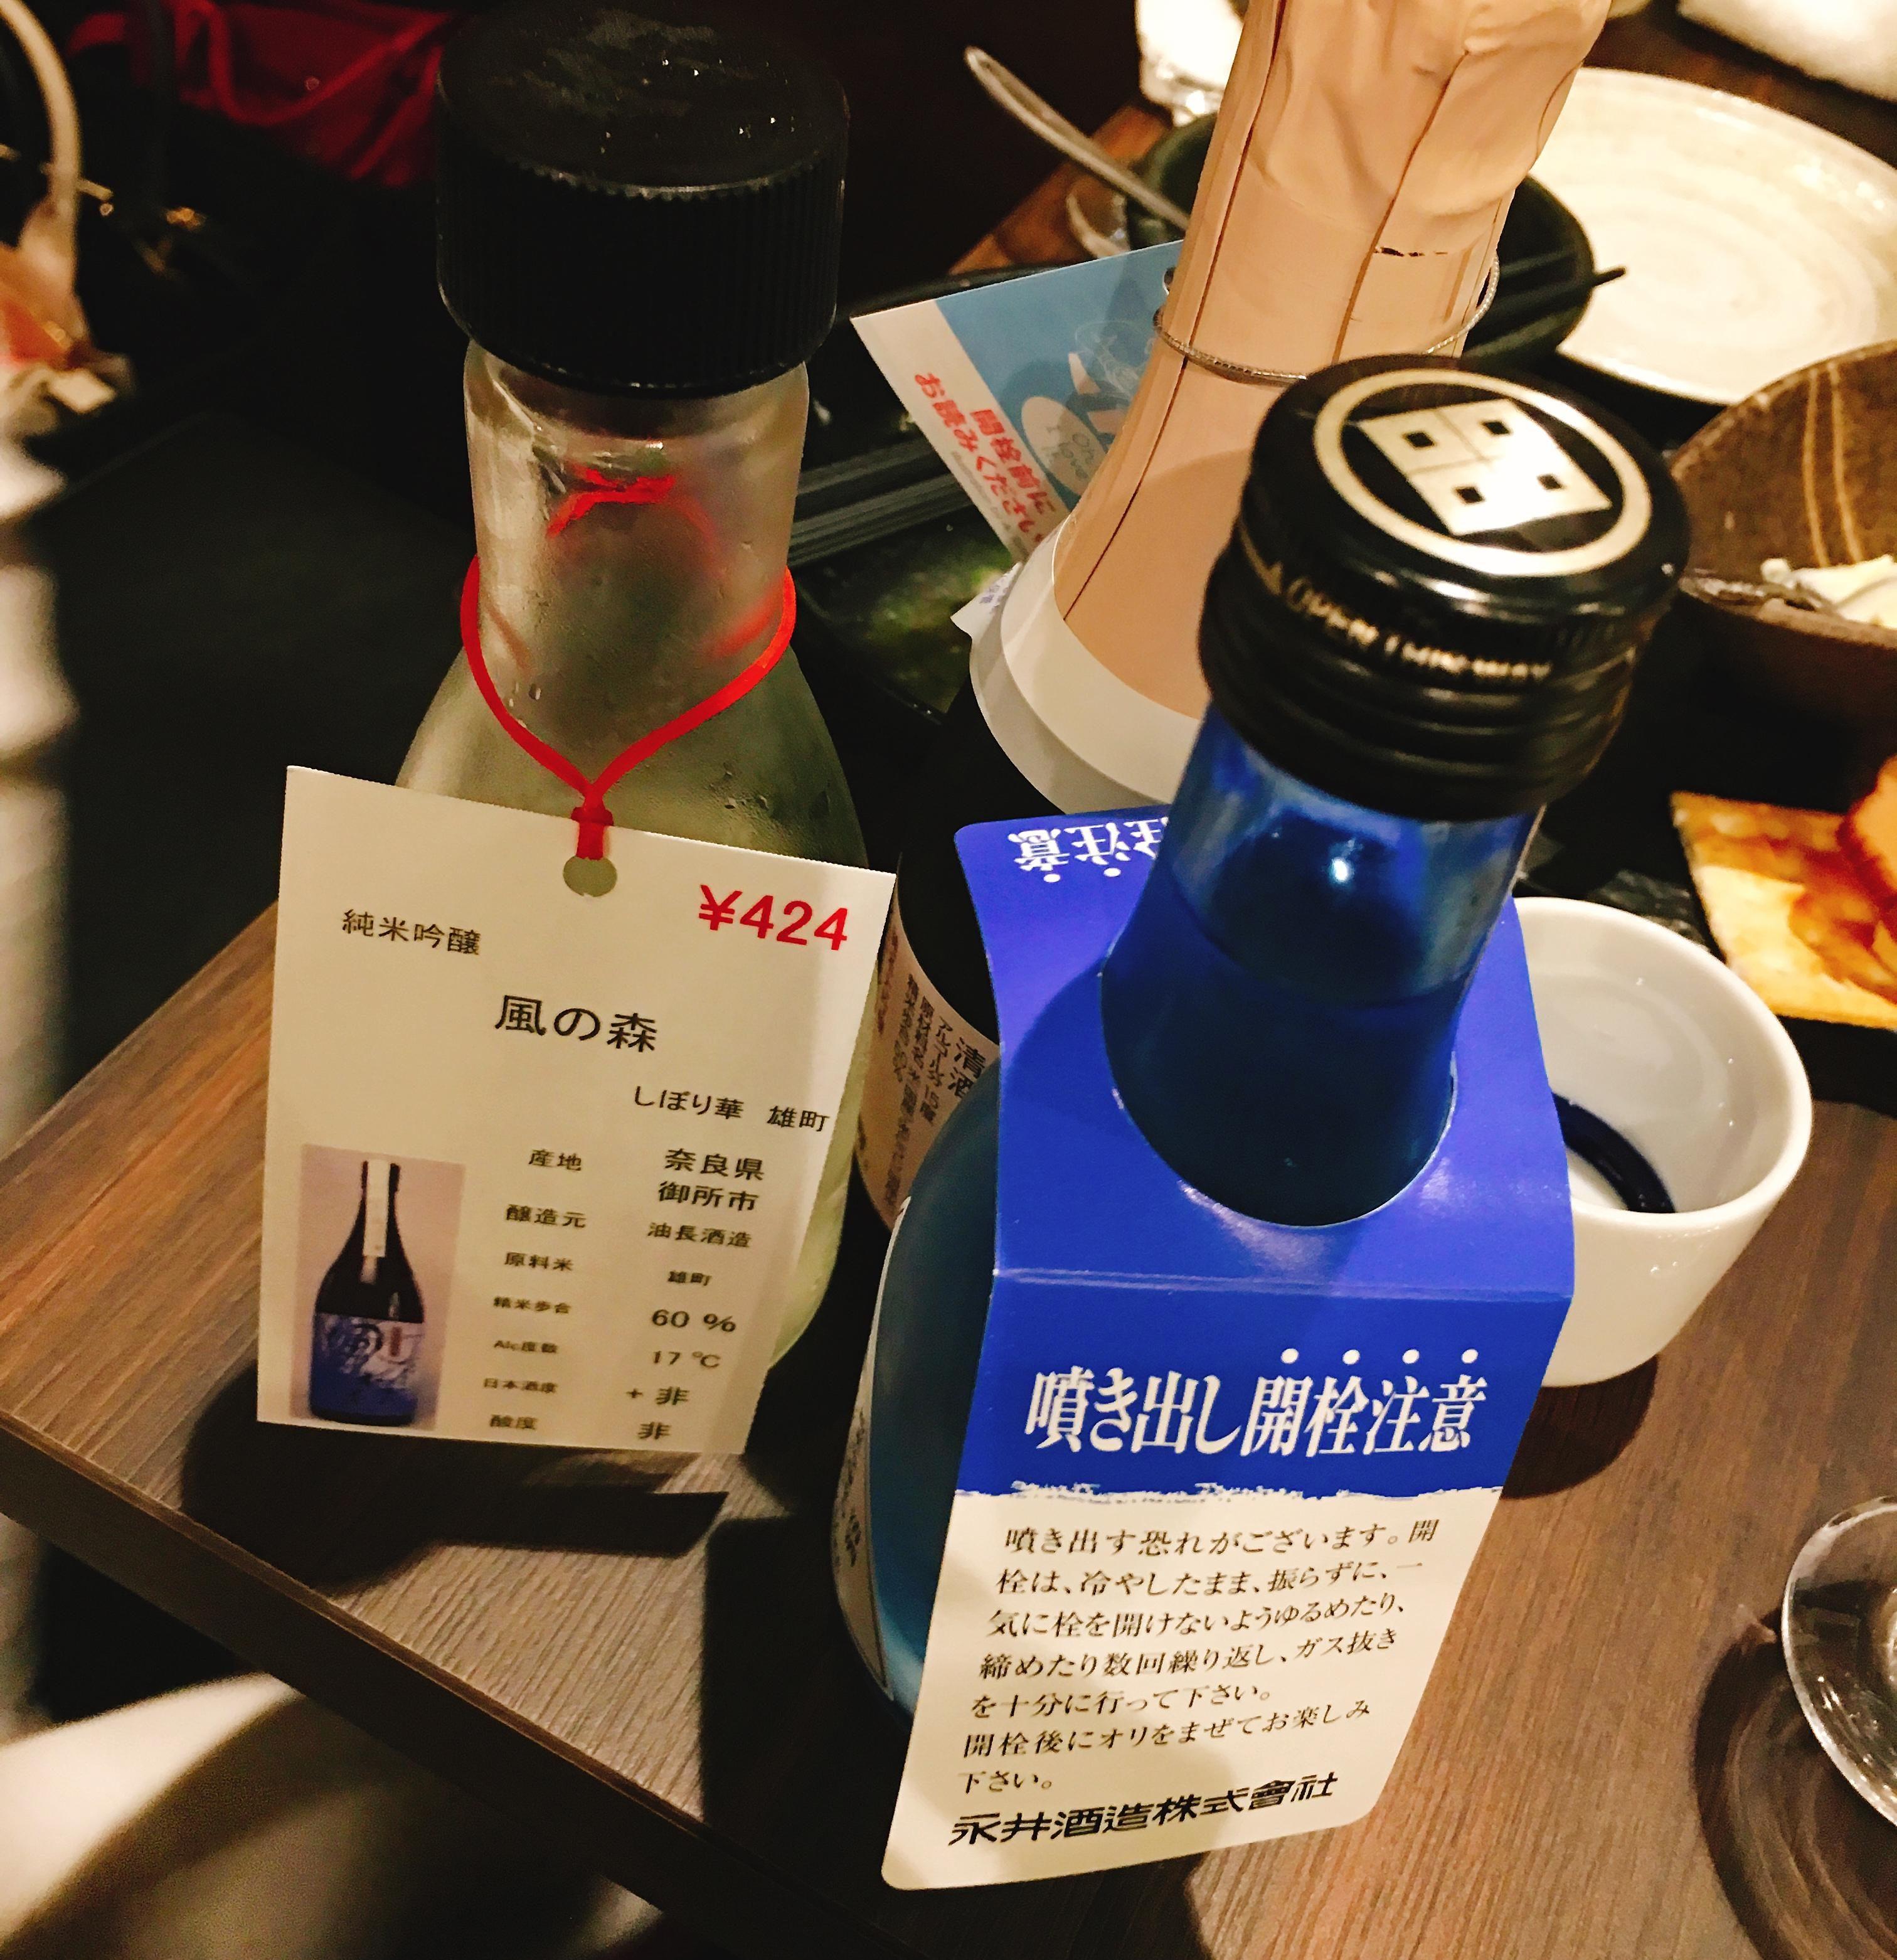 渋谷 居酒屋 日本酒 日本酒原価酒蔵